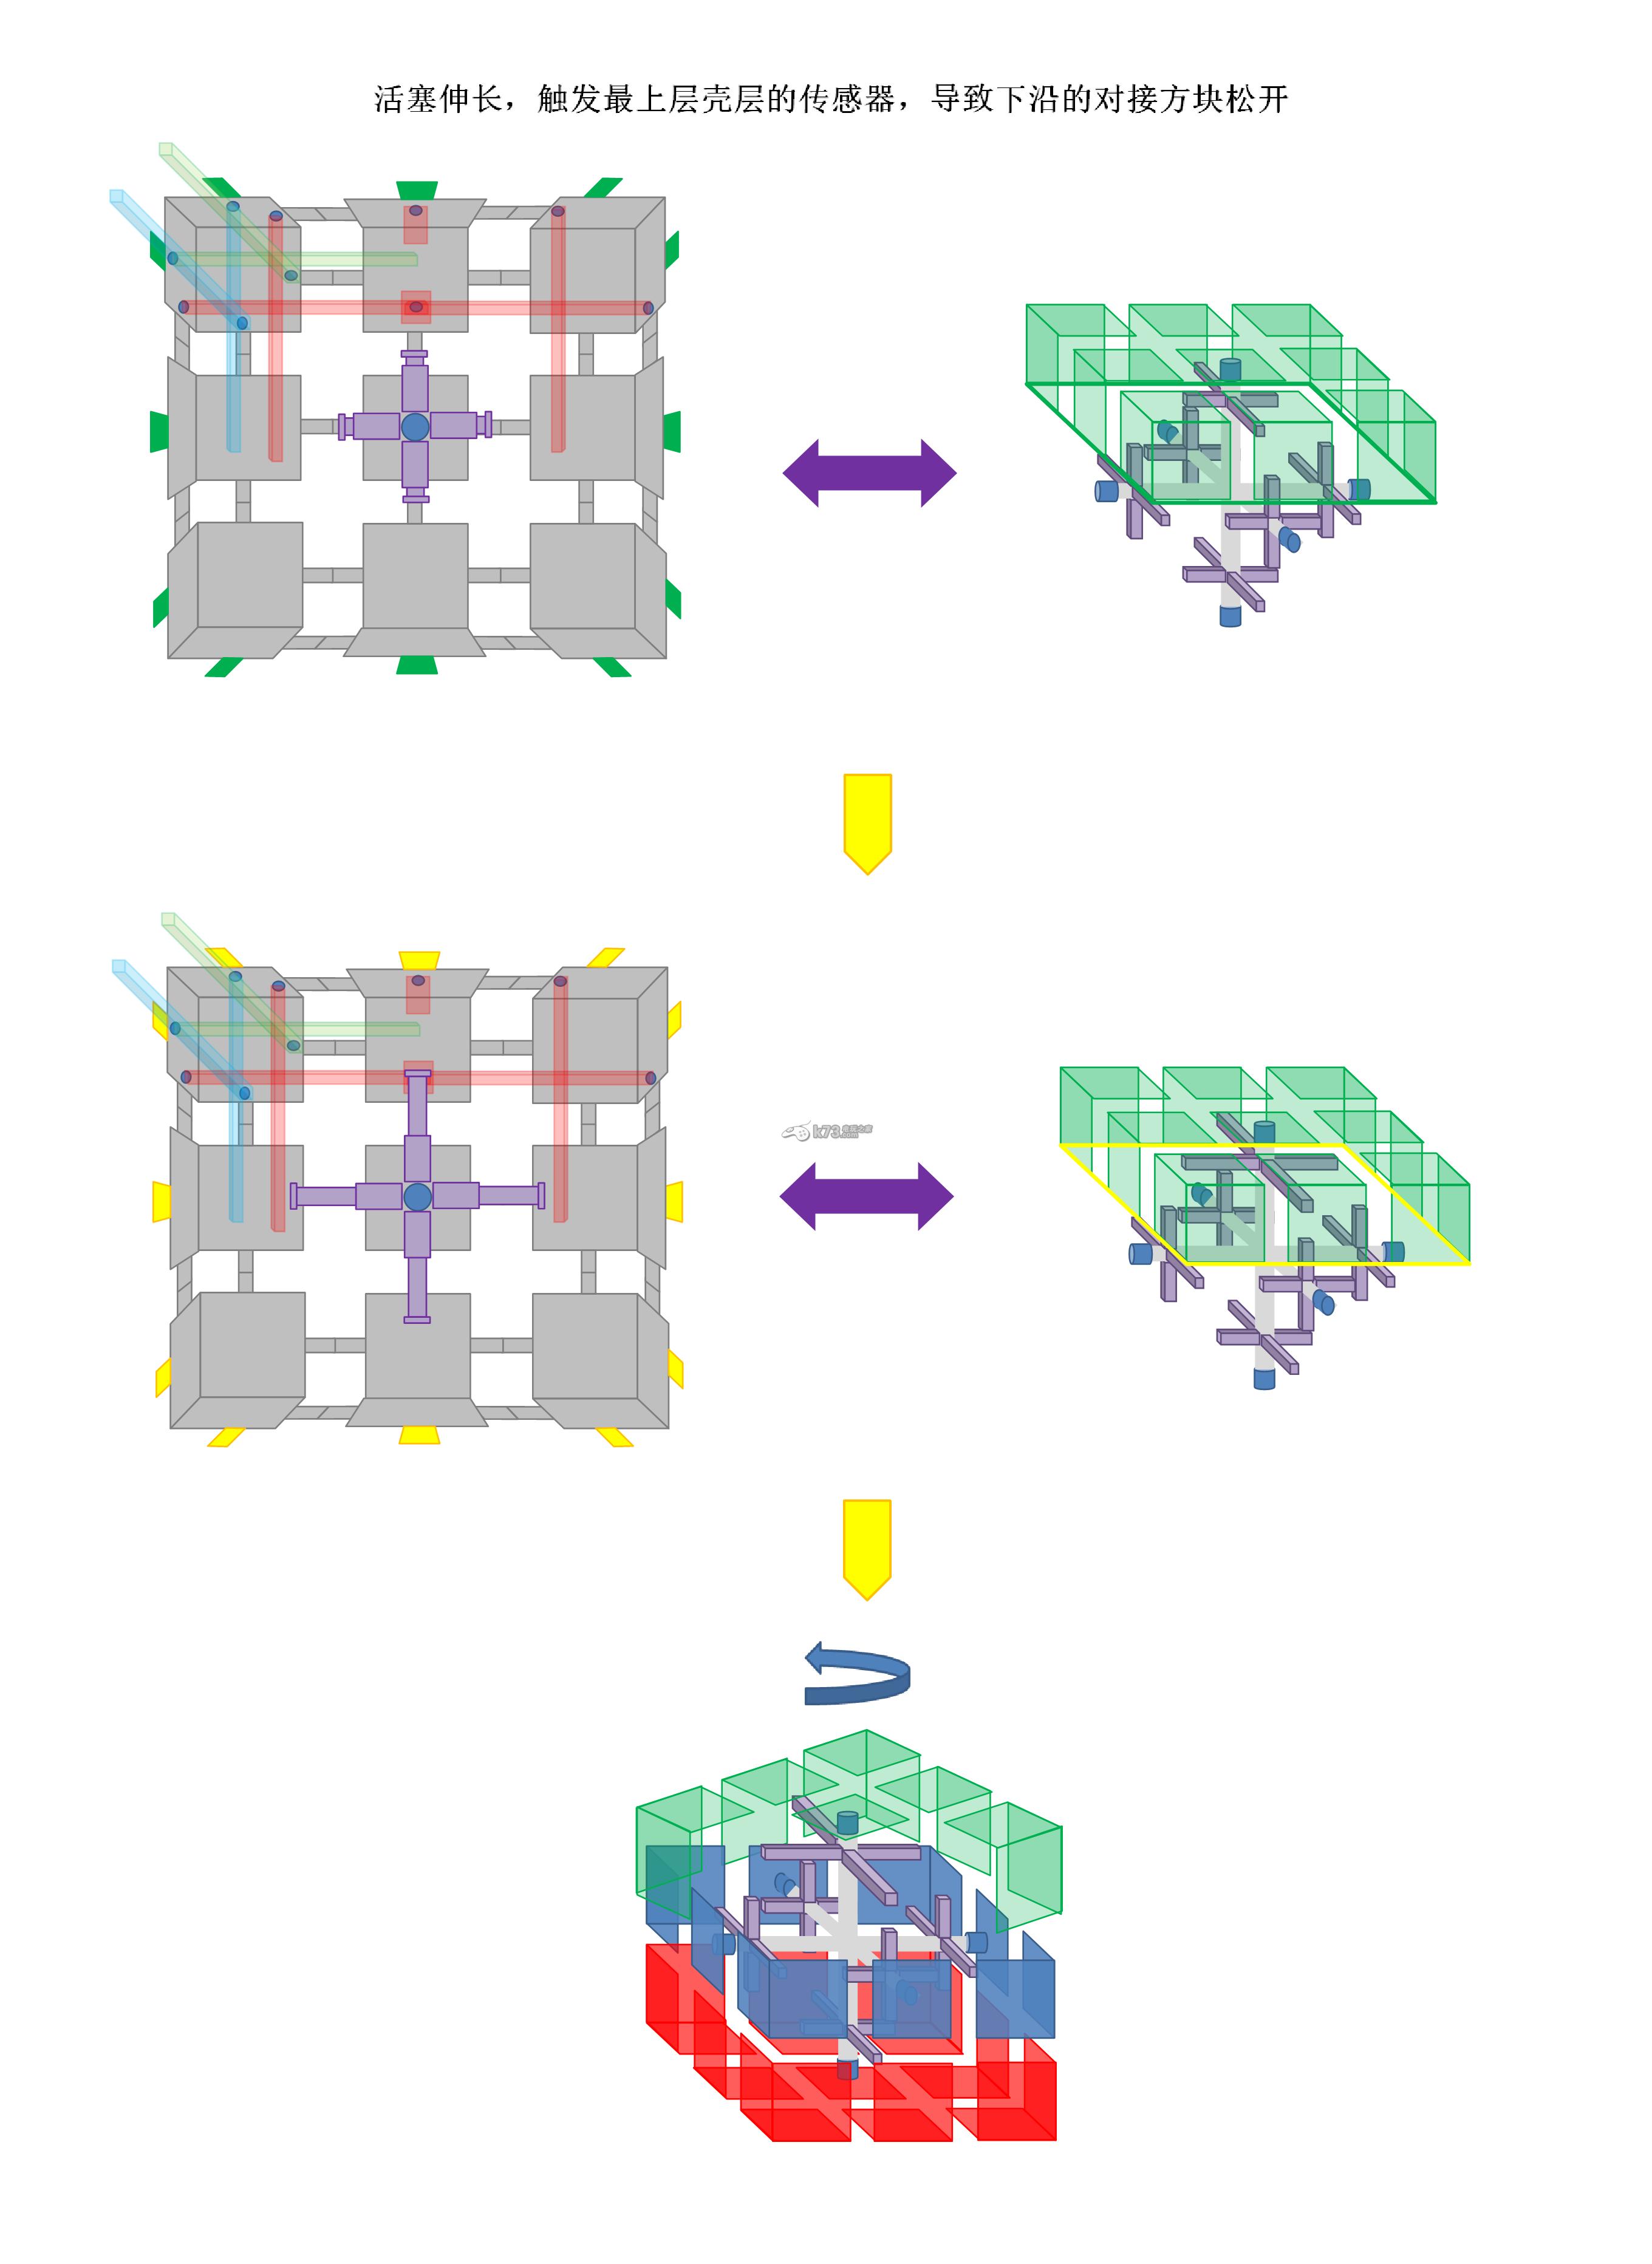 太空工程师三阶魔方的制作方法